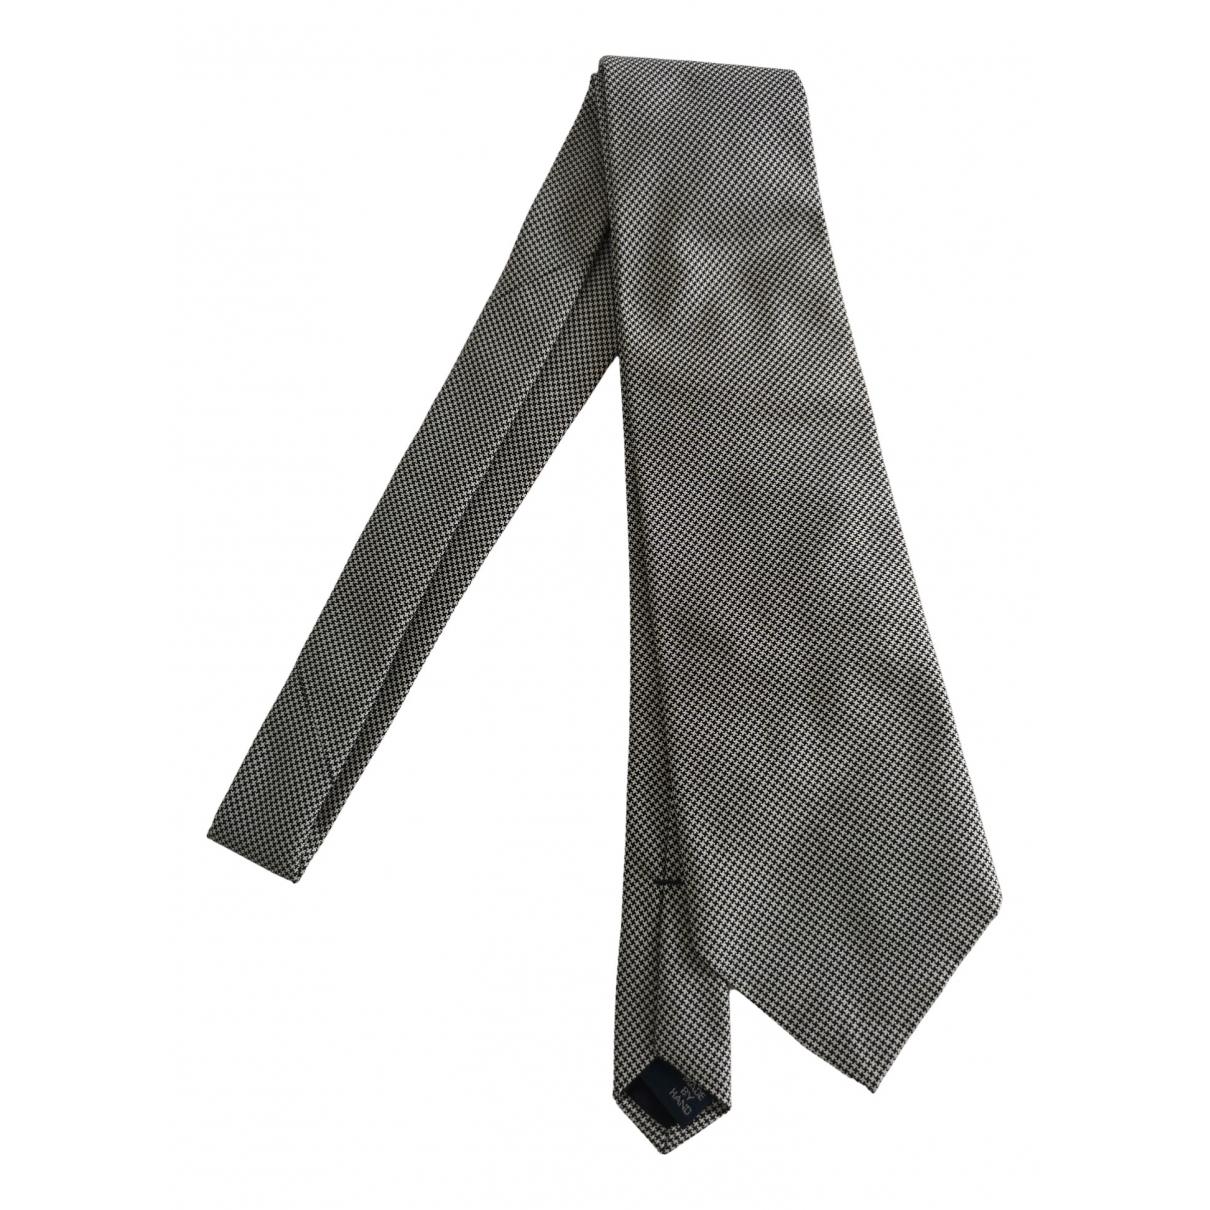 Polo Ralph Lauren - Cravates   pour homme en soie - gris